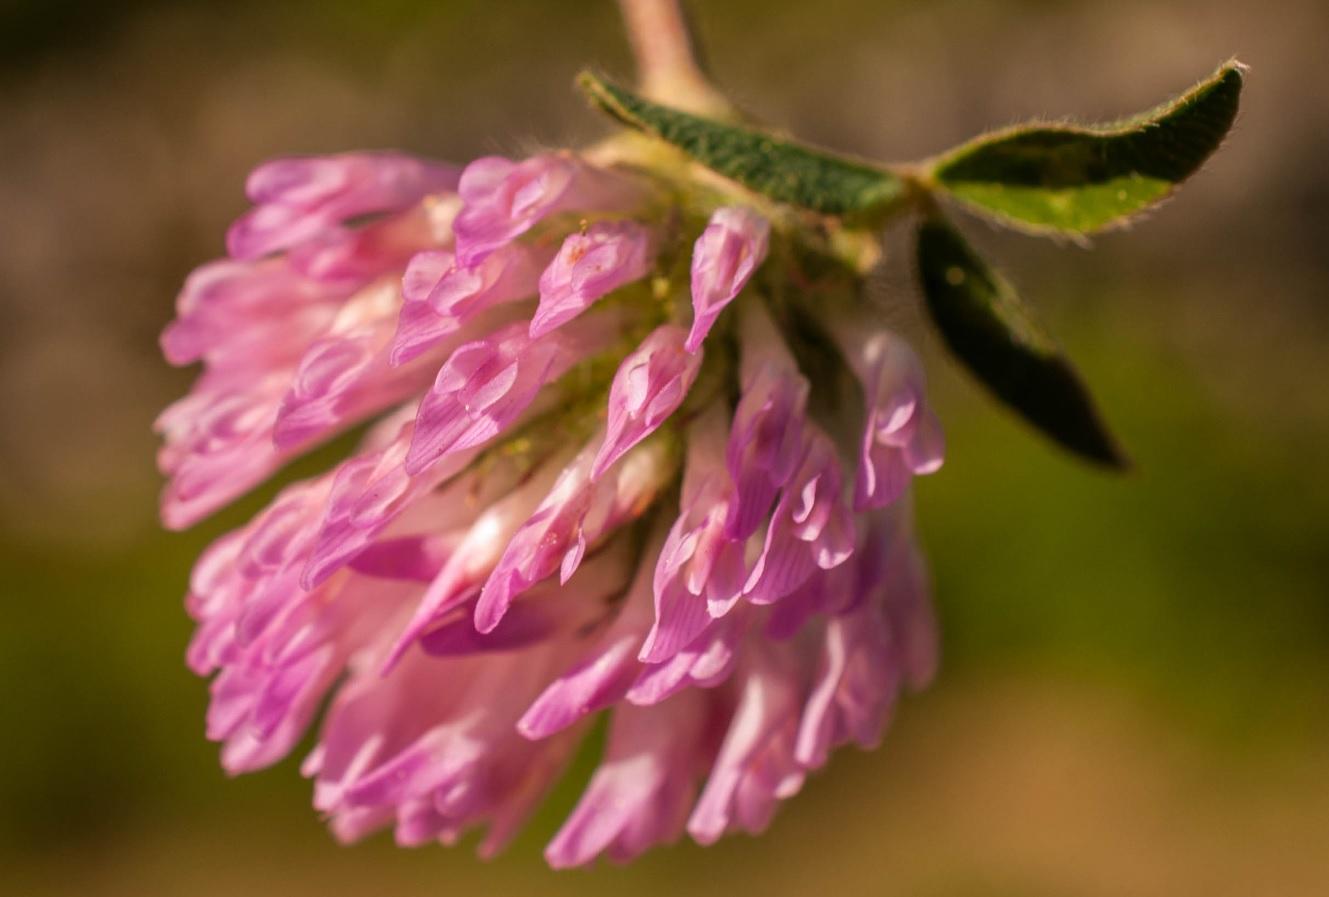 Trifolium pratense L. Las Obreras de Aliste CB Artesanos de la Miel Aliste Gallegos del Campo Artesanos de la Miel